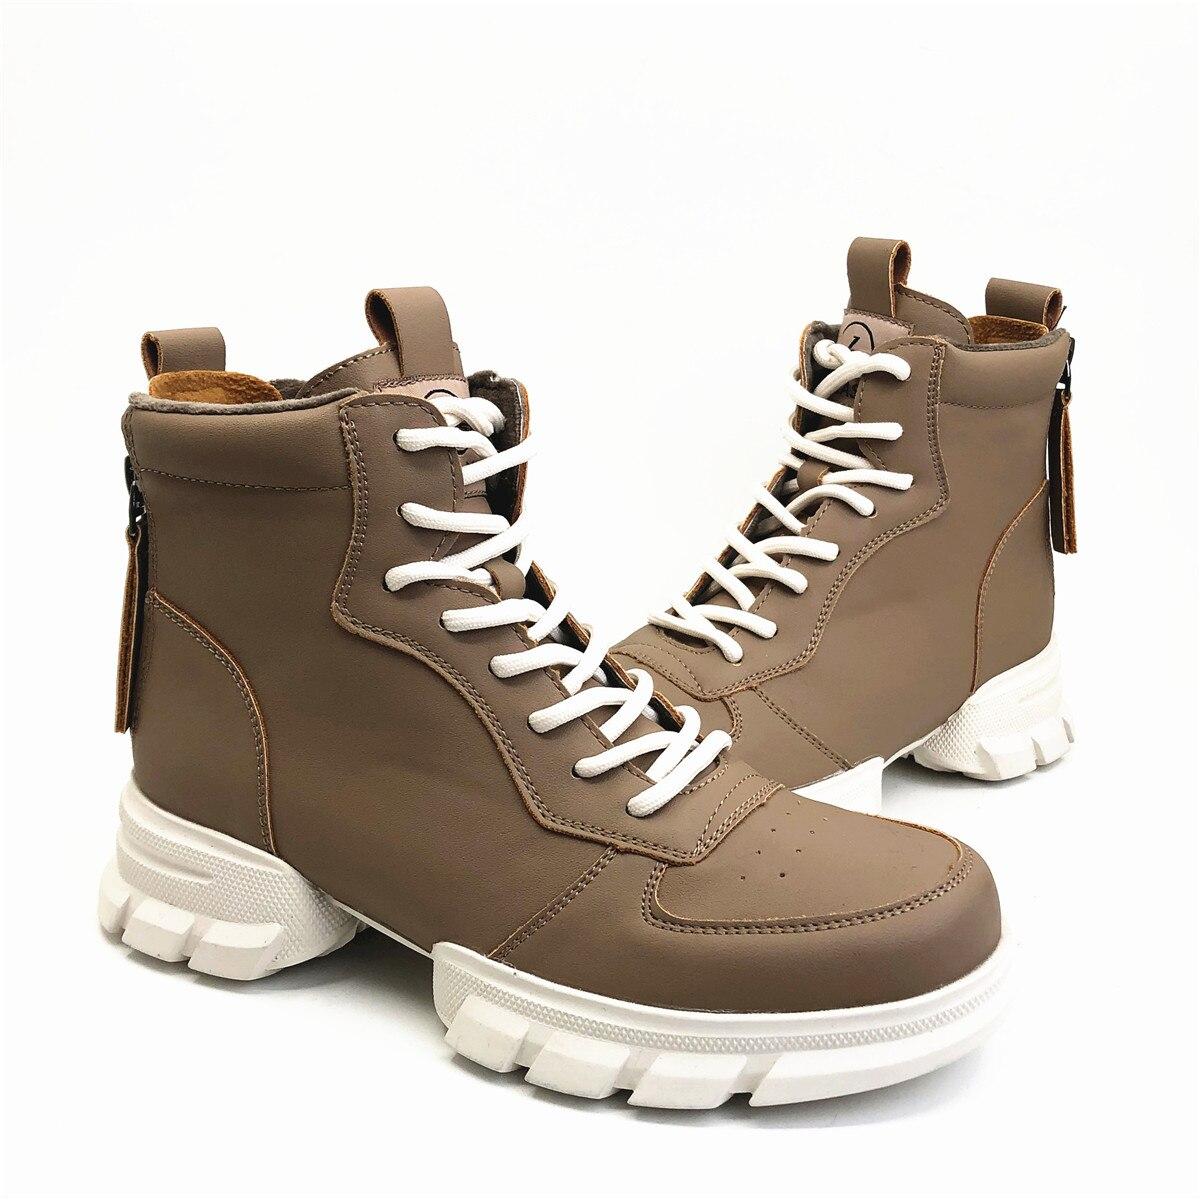 CAILASTE/женские кроссовки; ботинки со шнуровкой на молнии; ботинки шнурки для отдыха; обувь на платформе с бархатной стелькой; спортивные женск... - 3